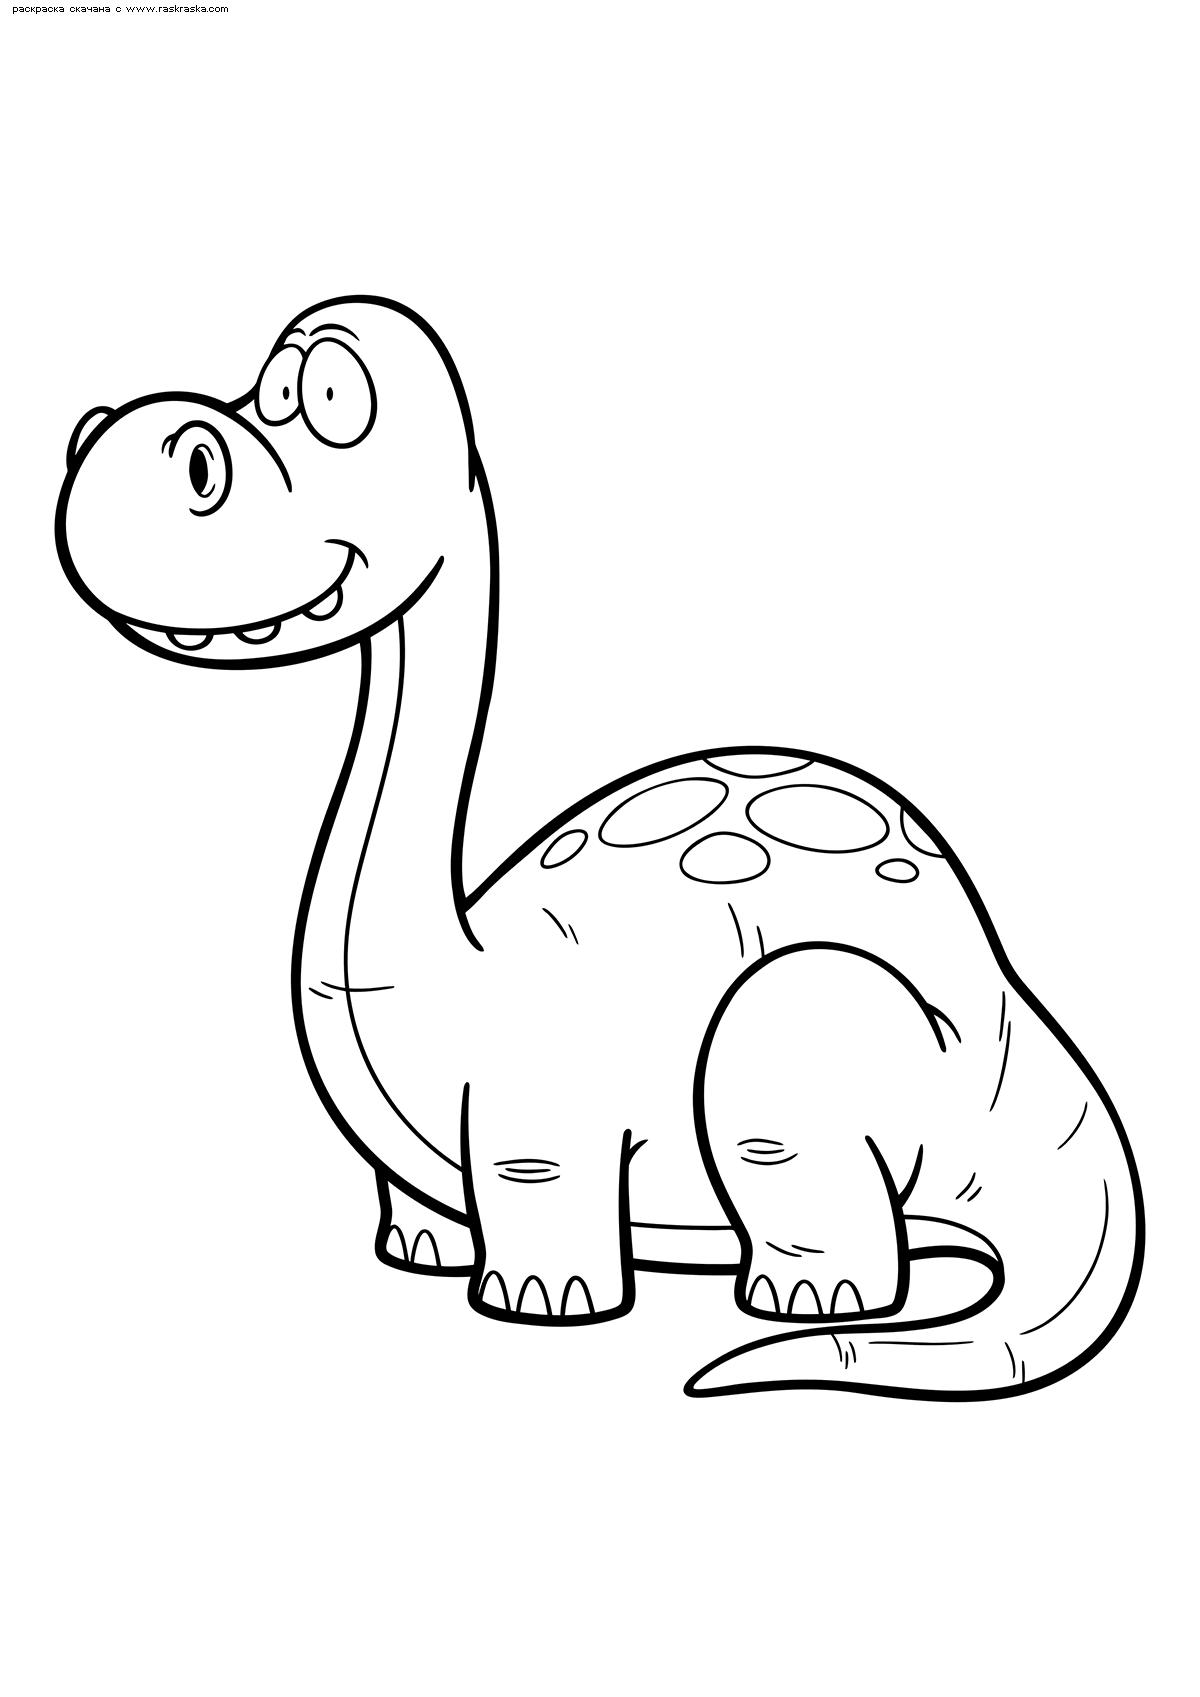 Раскраска Апатозавр. Раскраска динозавр